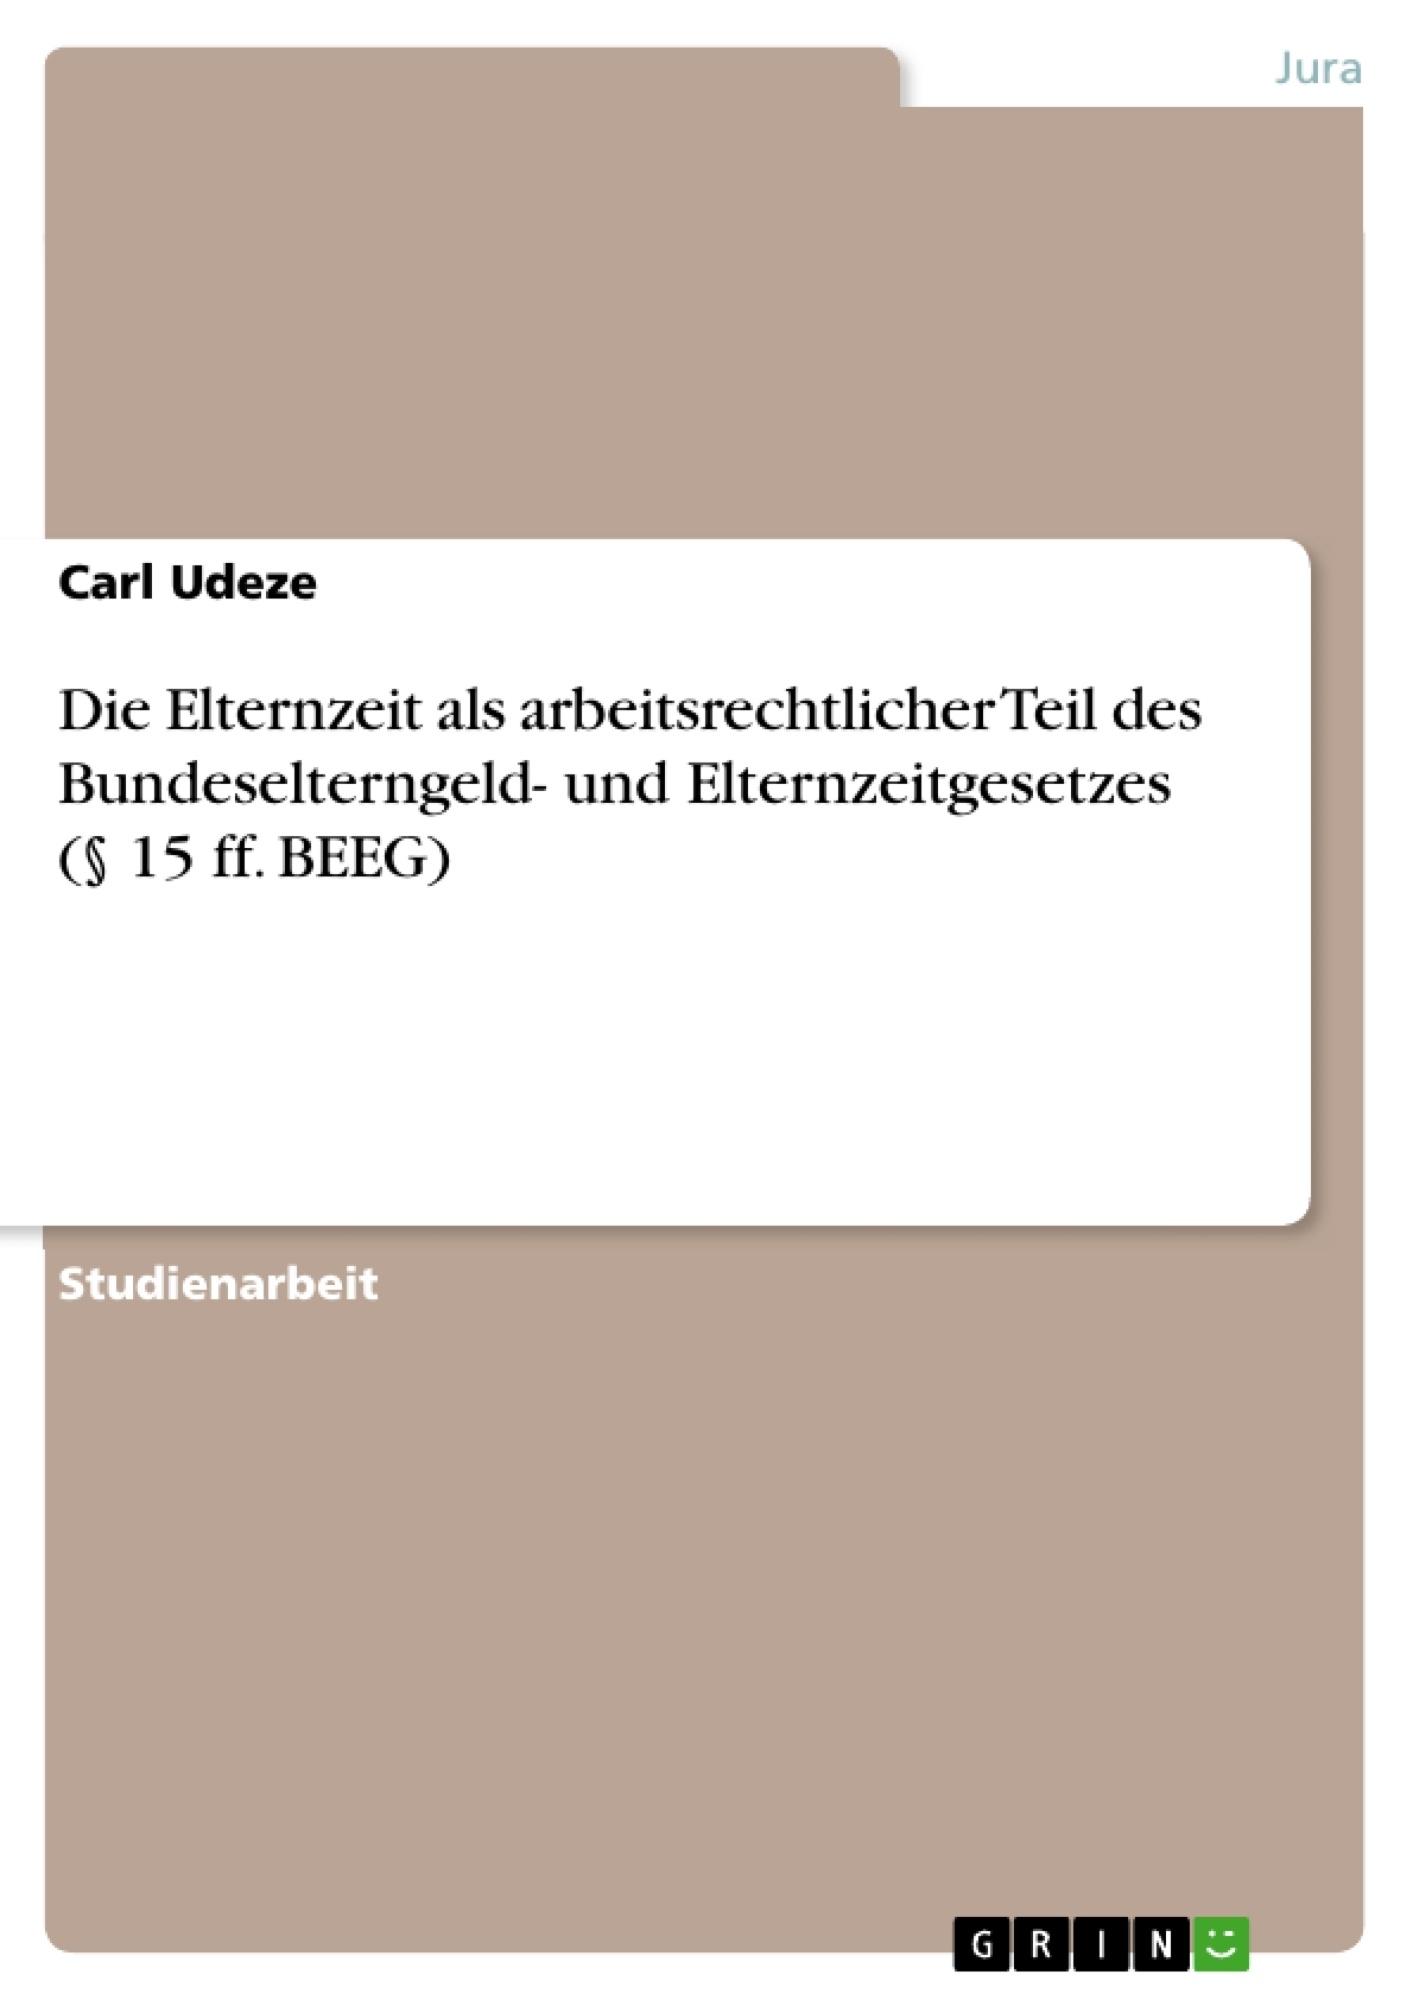 Titel: Die Elternzeit als arbeitsrechtlicher Teil des Bundeselterngeld- und Elternzeitgesetzes  (§ 15 ff. BEEG)